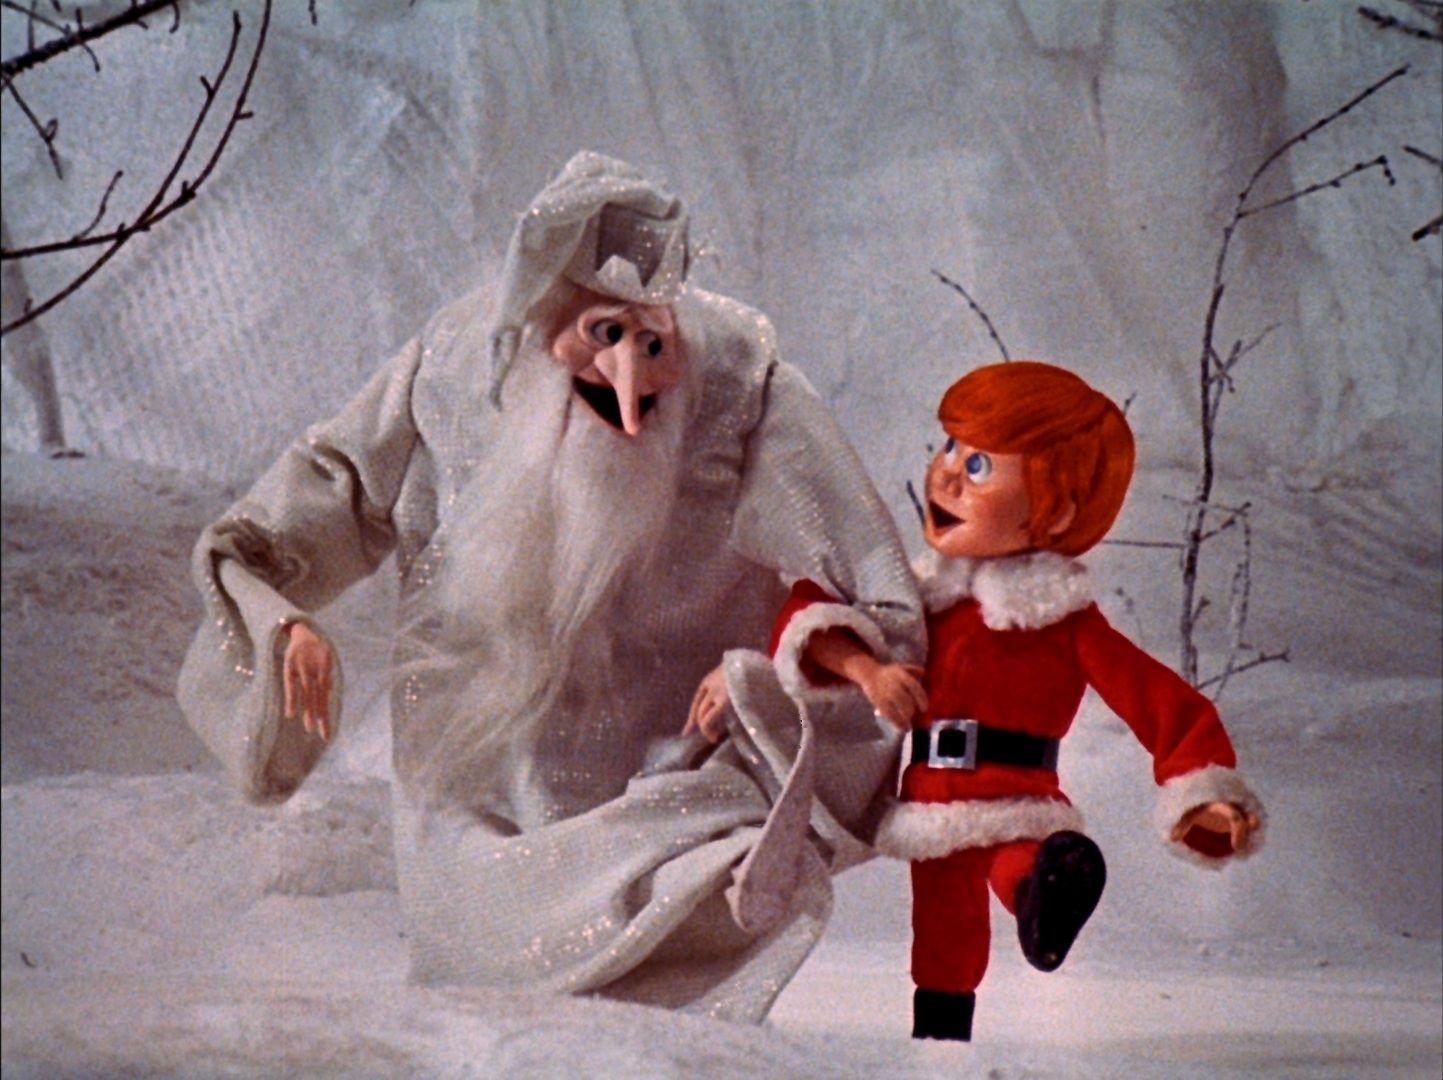 Pin by Laura Matecka on Winter-Christmas | Christmas, Santa, Santa ...